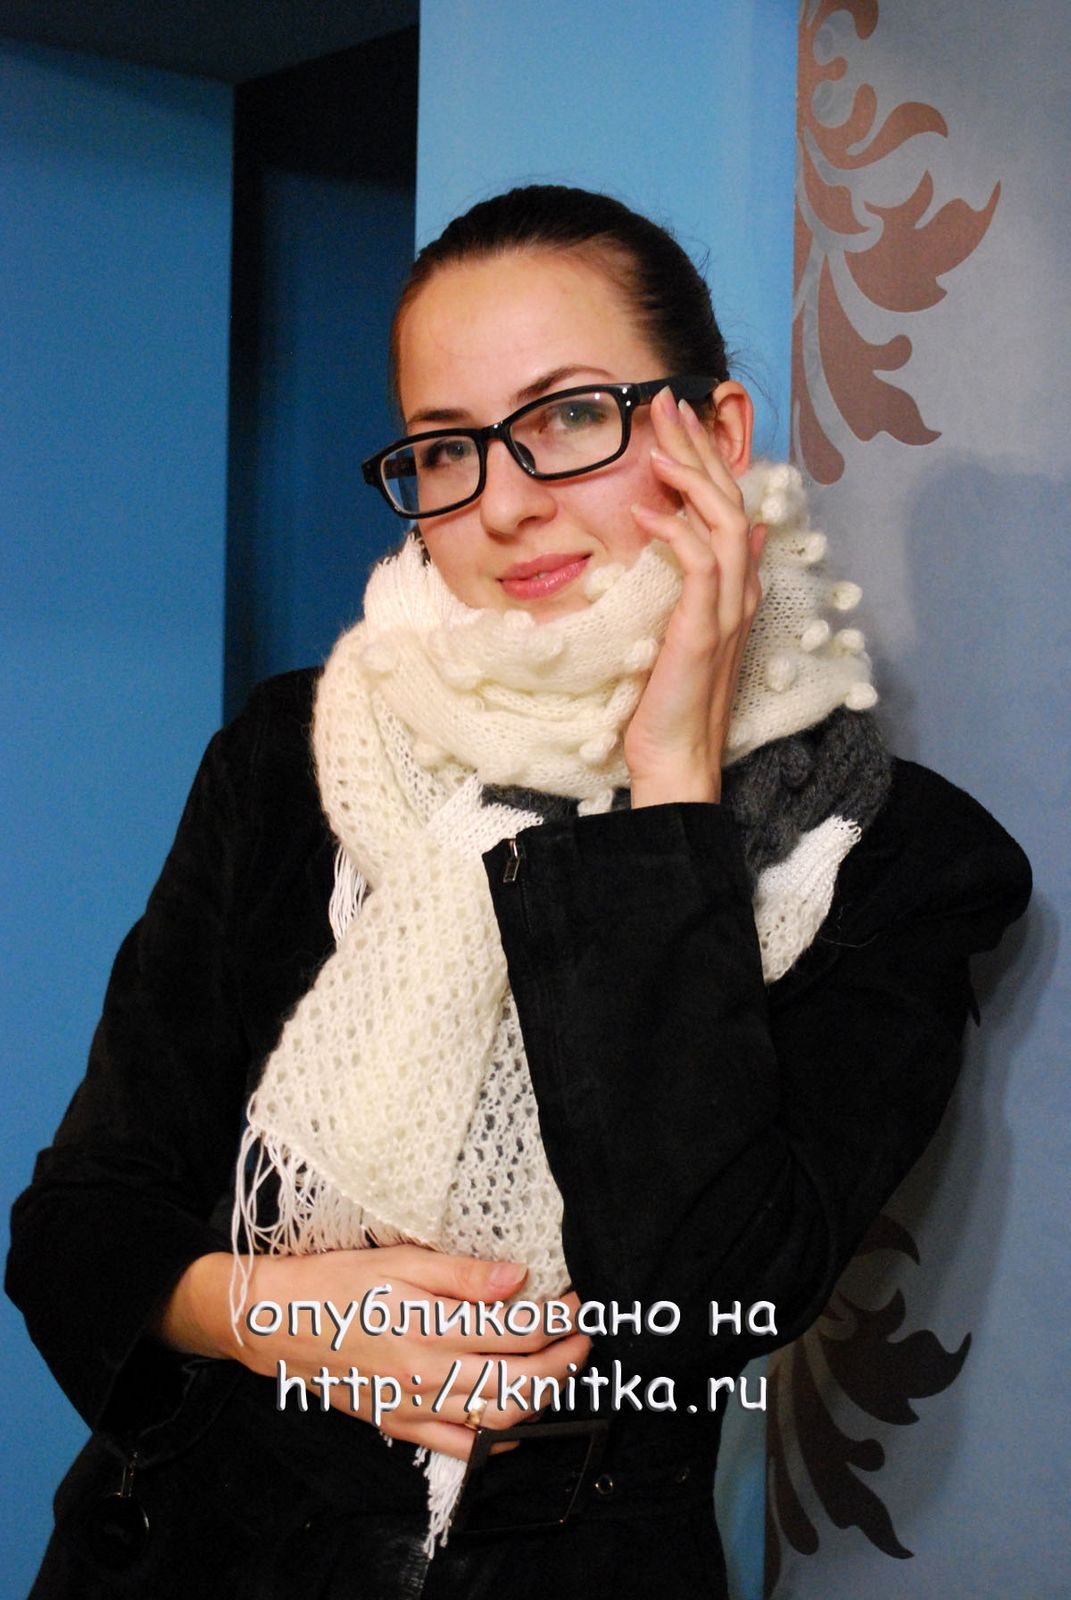 Вязание шарфа из мохера 11